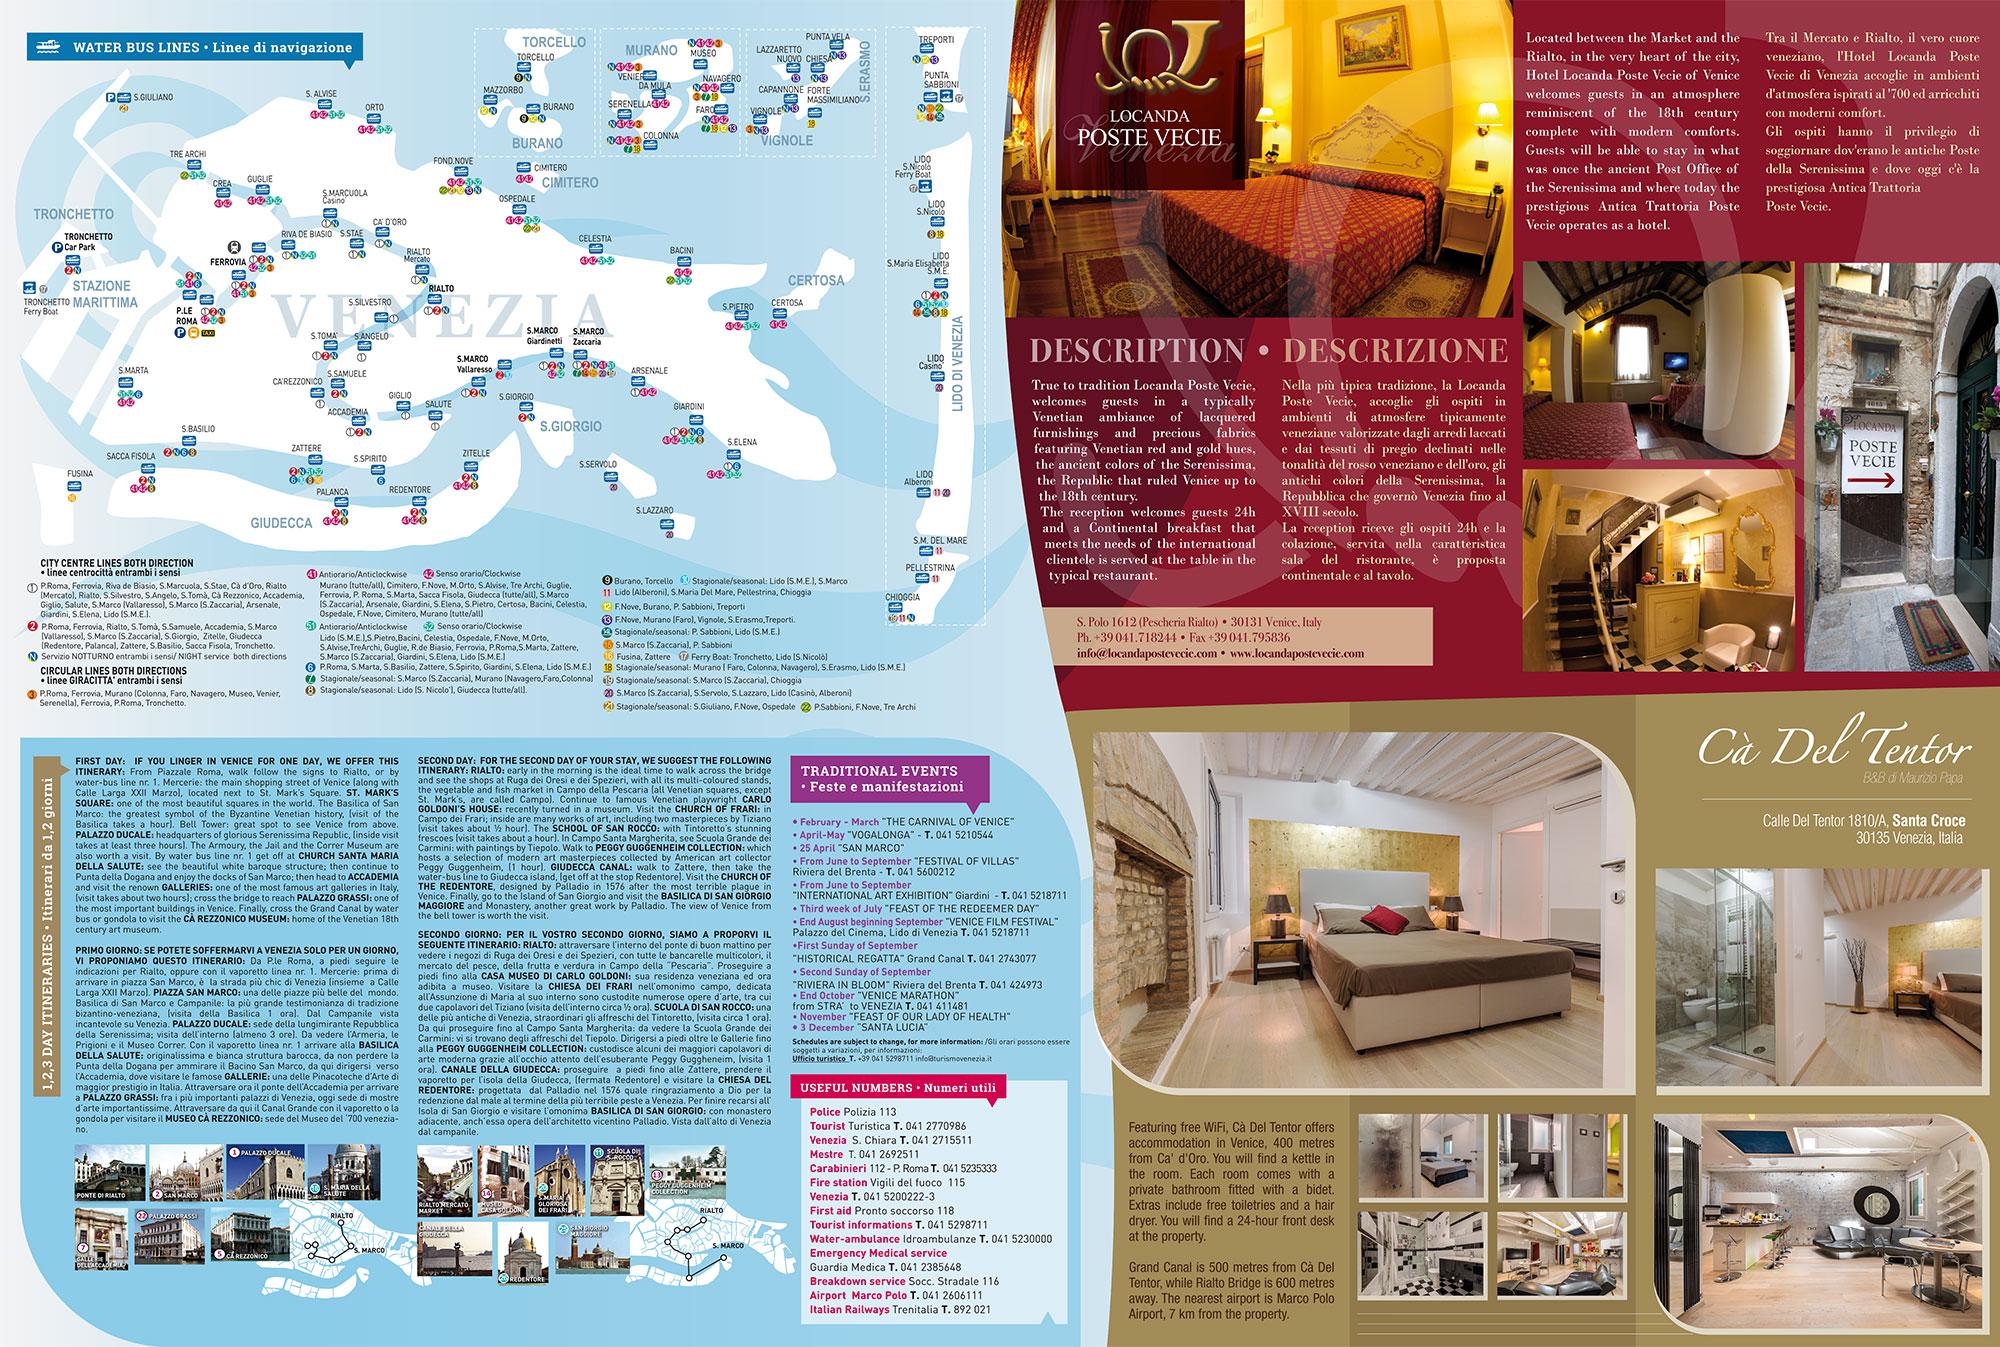 Mappa Liscia Locanda Poste Vecie e Cà del Tentor Venezia